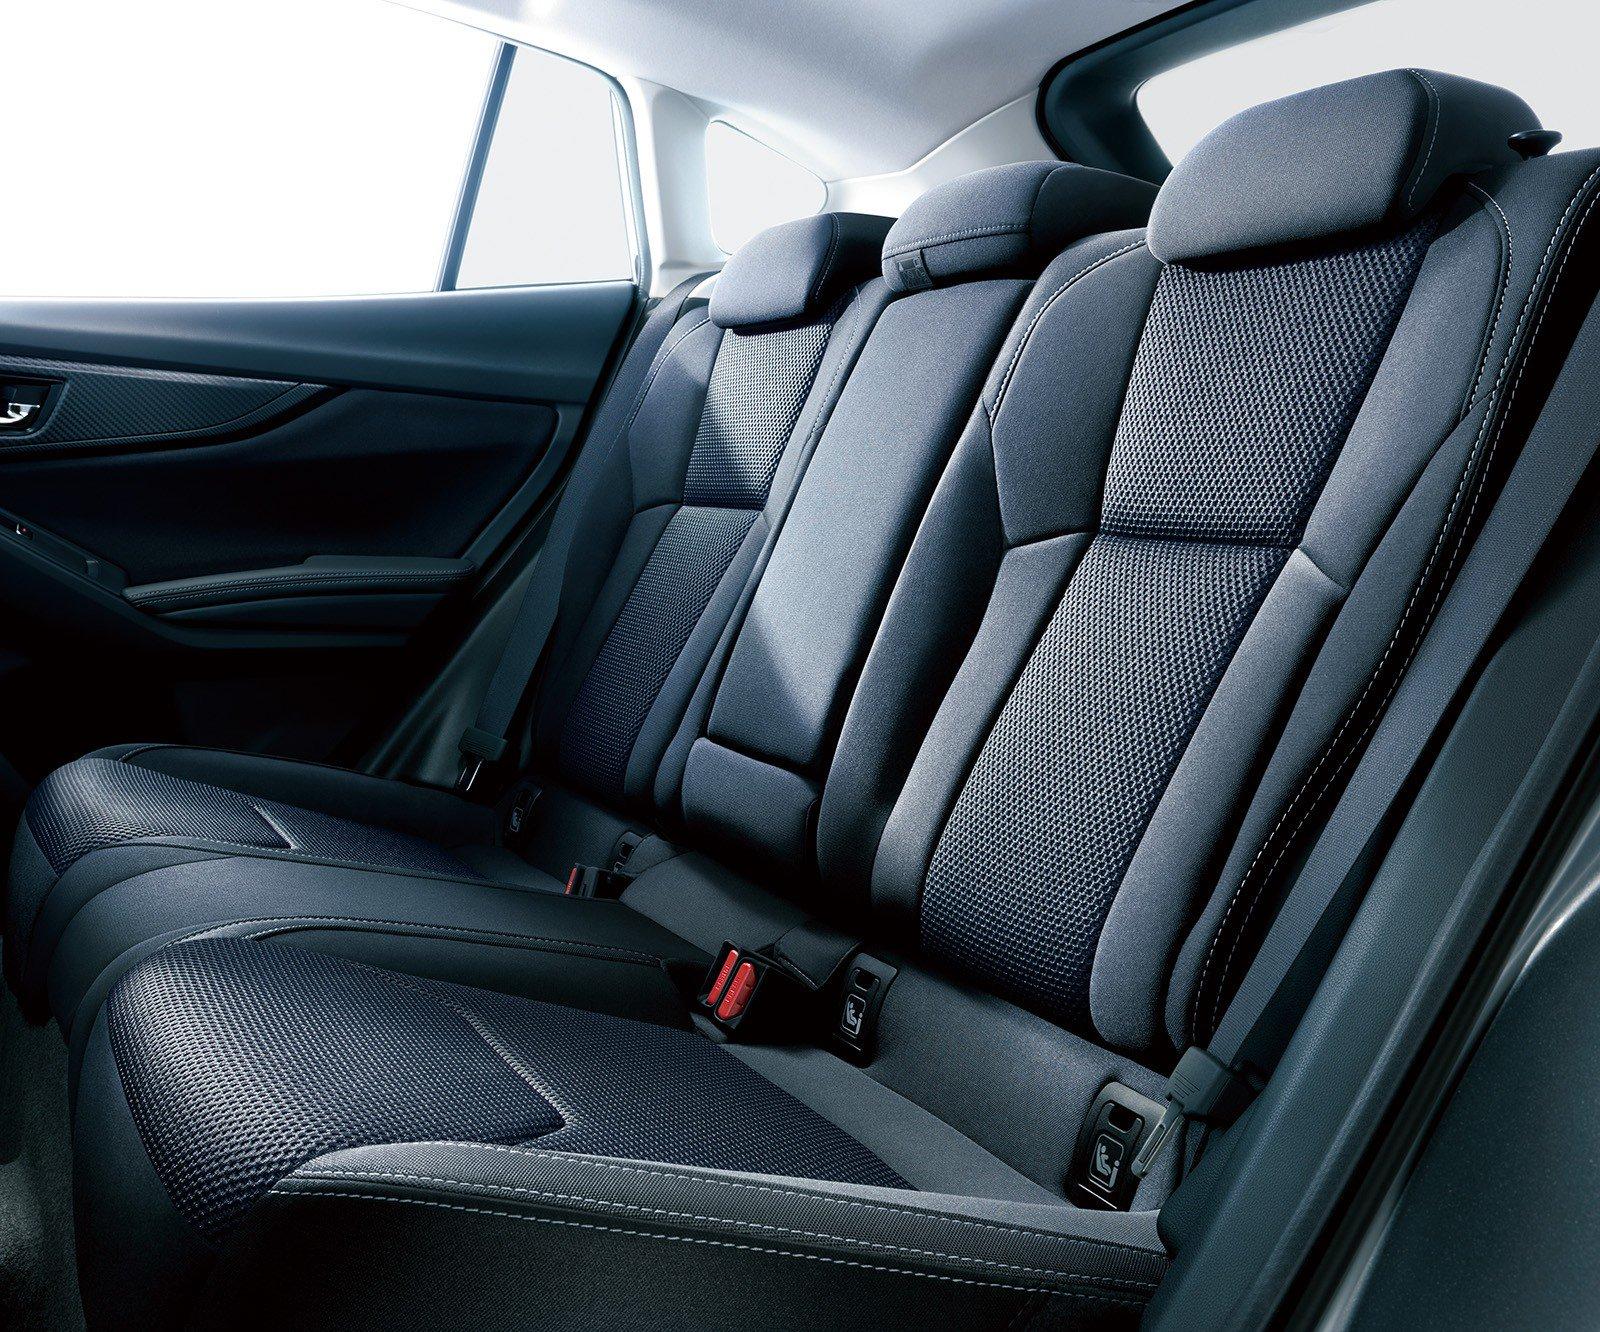 Subaru-Impreza-facelift-11